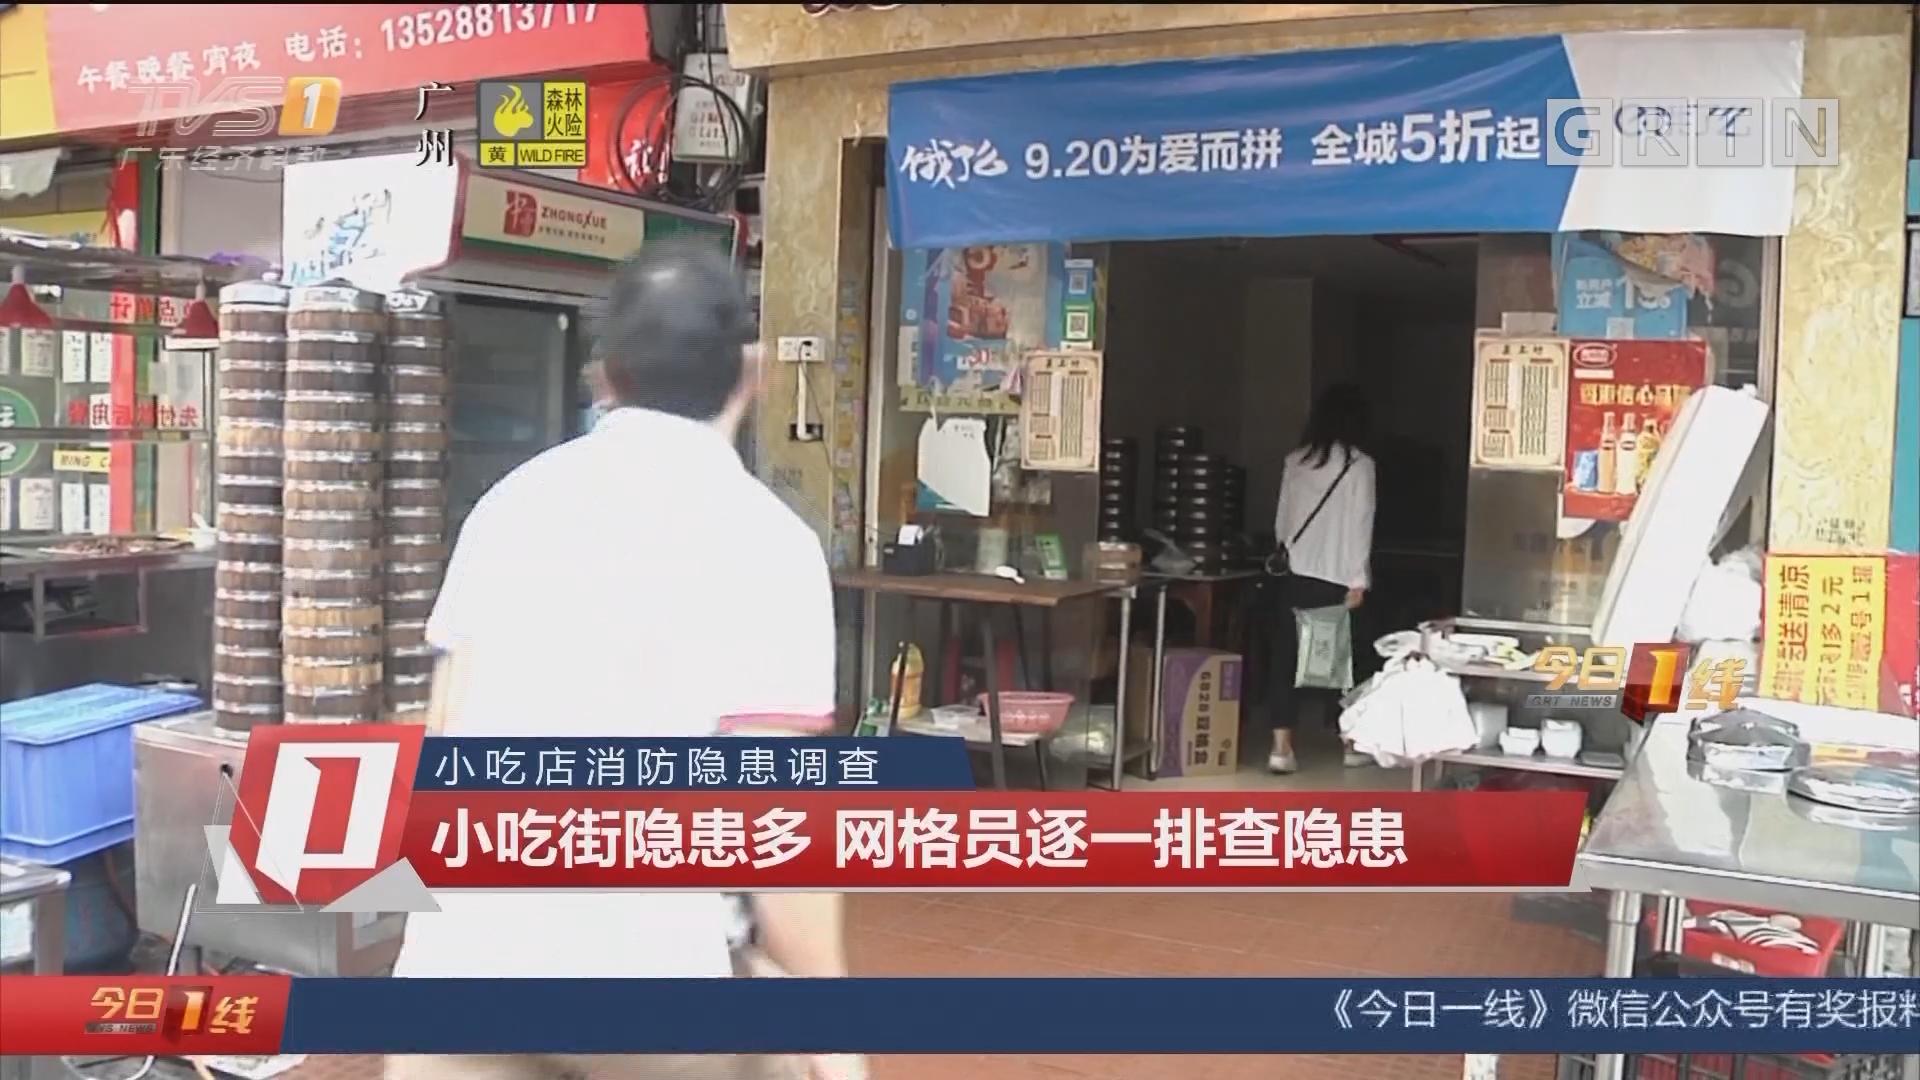 小吃店消防隐患调查:小吃街隐患多 网格员逐一排查隐患